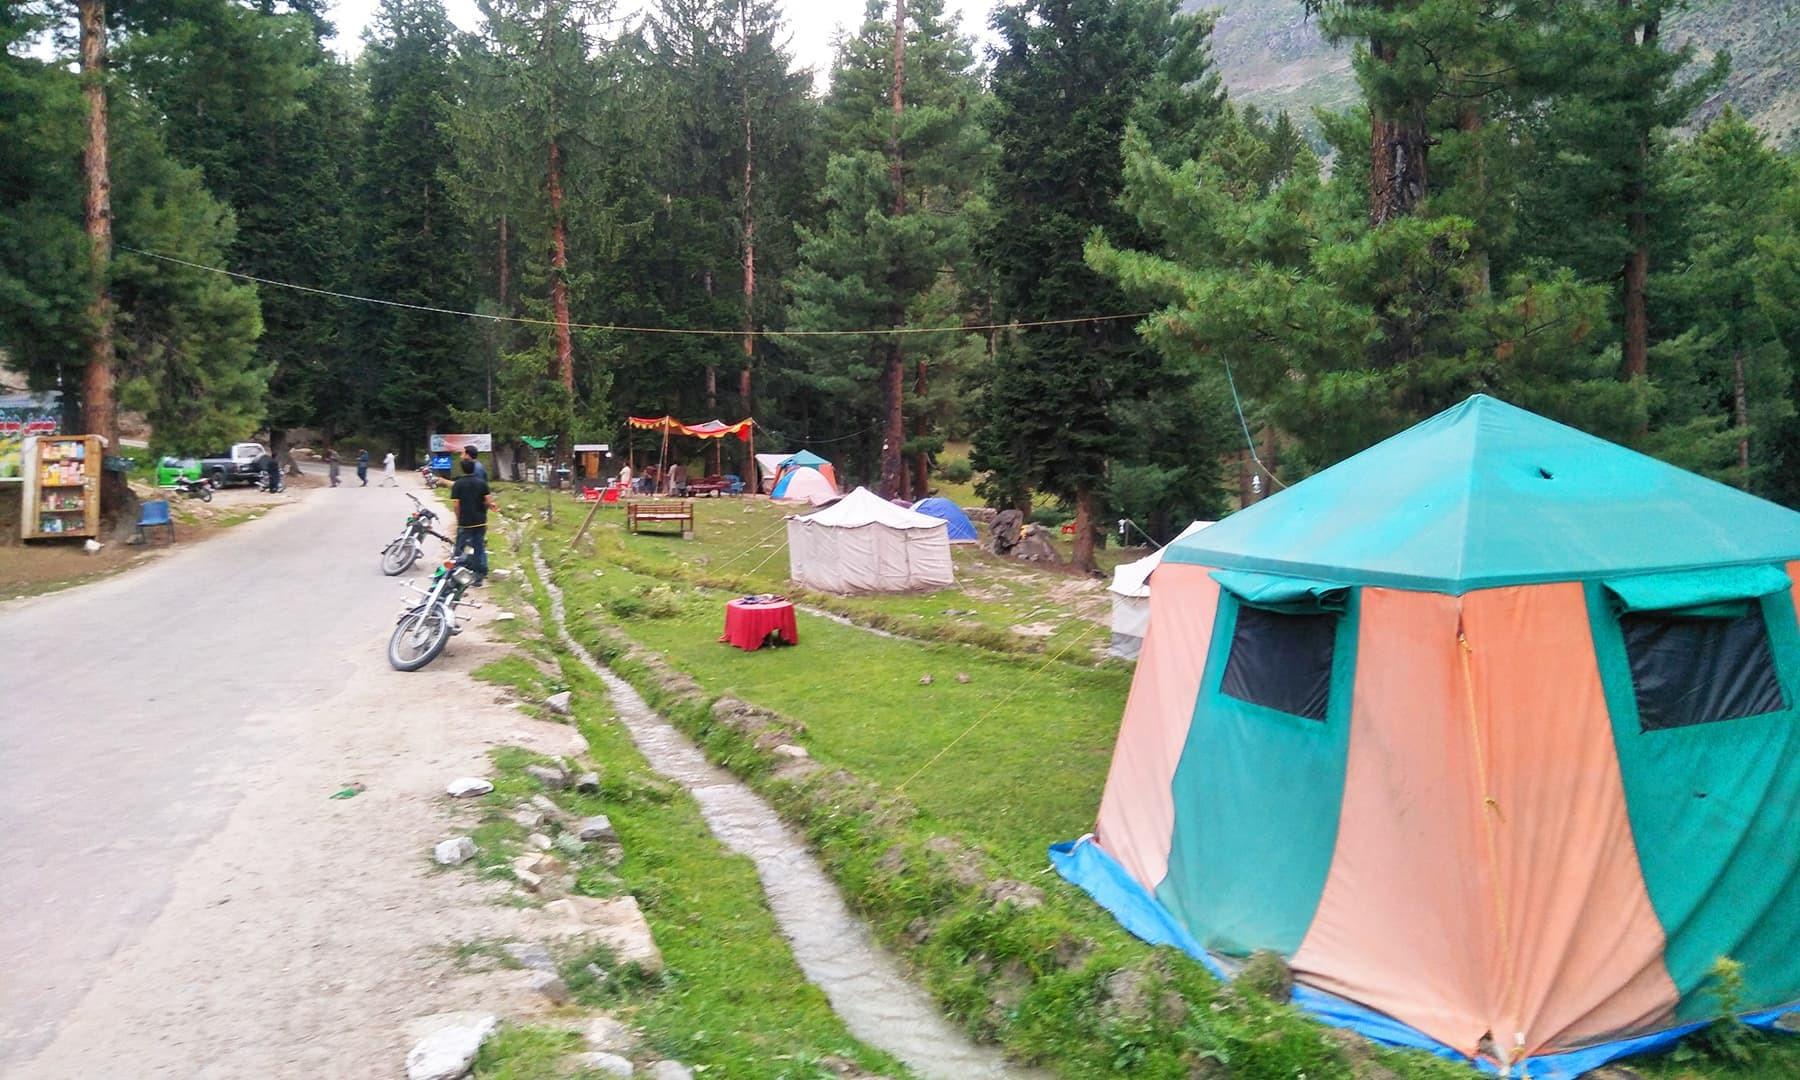 مئی سے اگست تک ملک کے شمالی علاقوں میں سیاحوں کا رش نظر آتا ہے— تصویر عظت اکبر